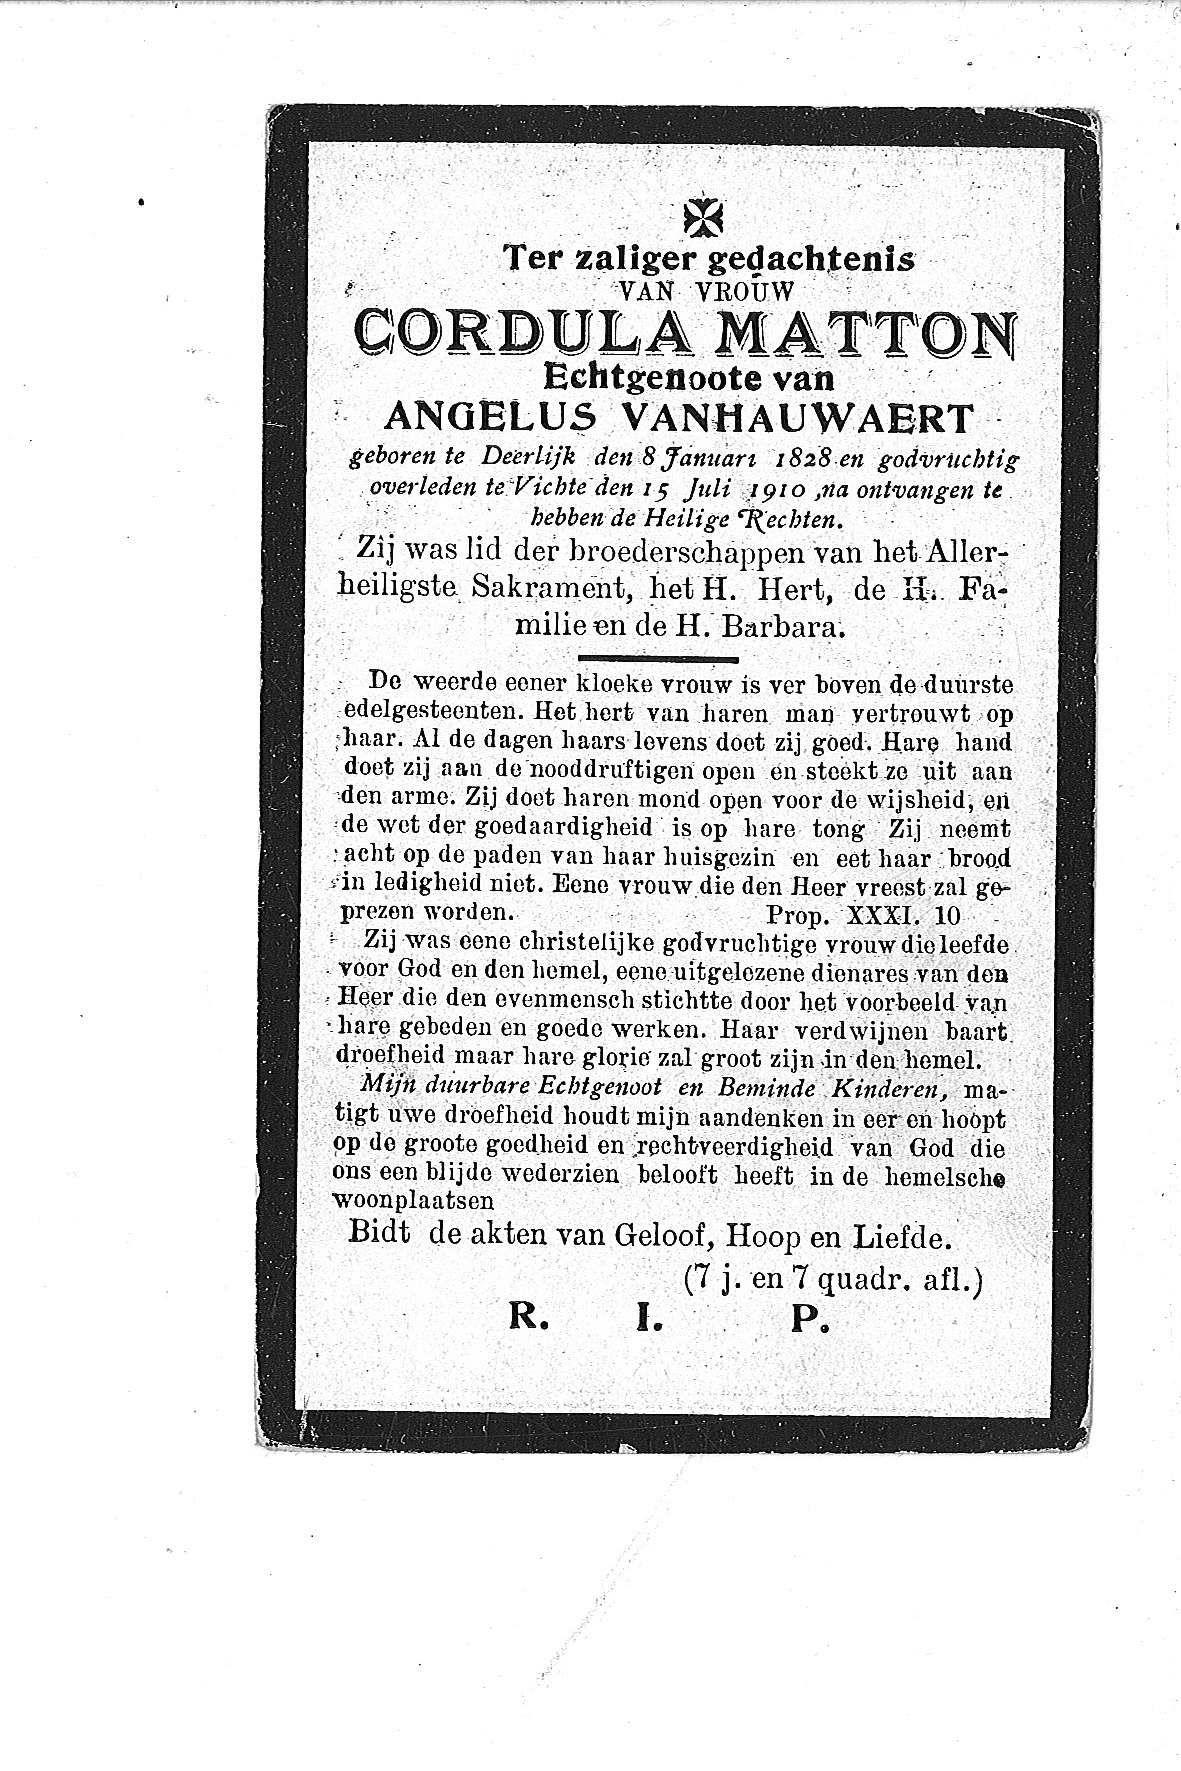 Cordula(1910)20100414160733_00022.jpg